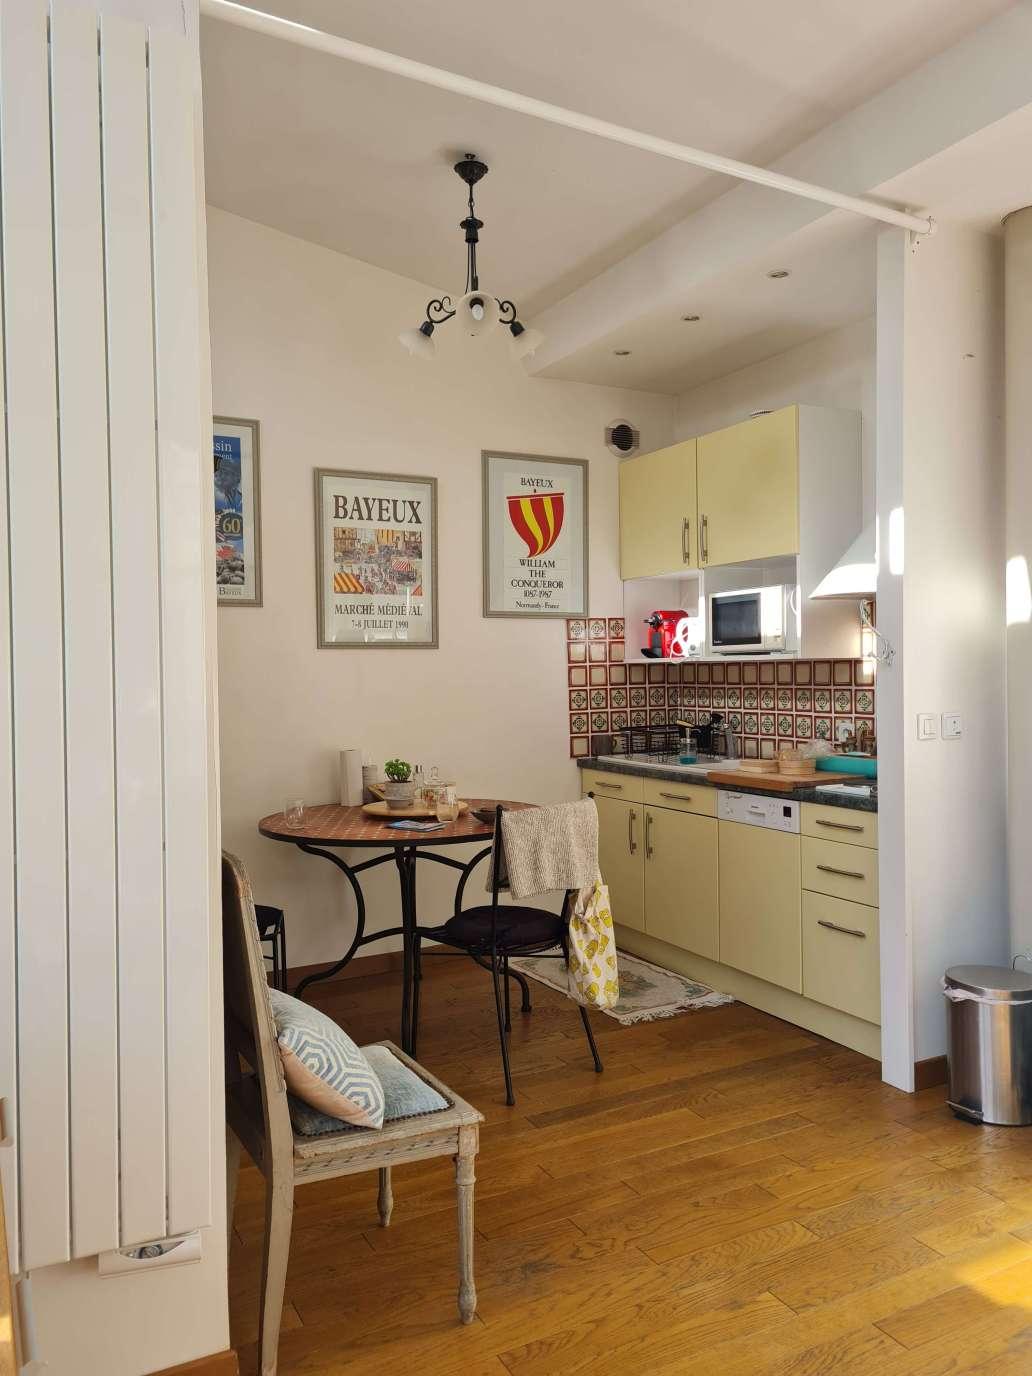 20210213 143221 1536x2048 - Airbnb Tour : visite privée d'une tiny house à Bayeux